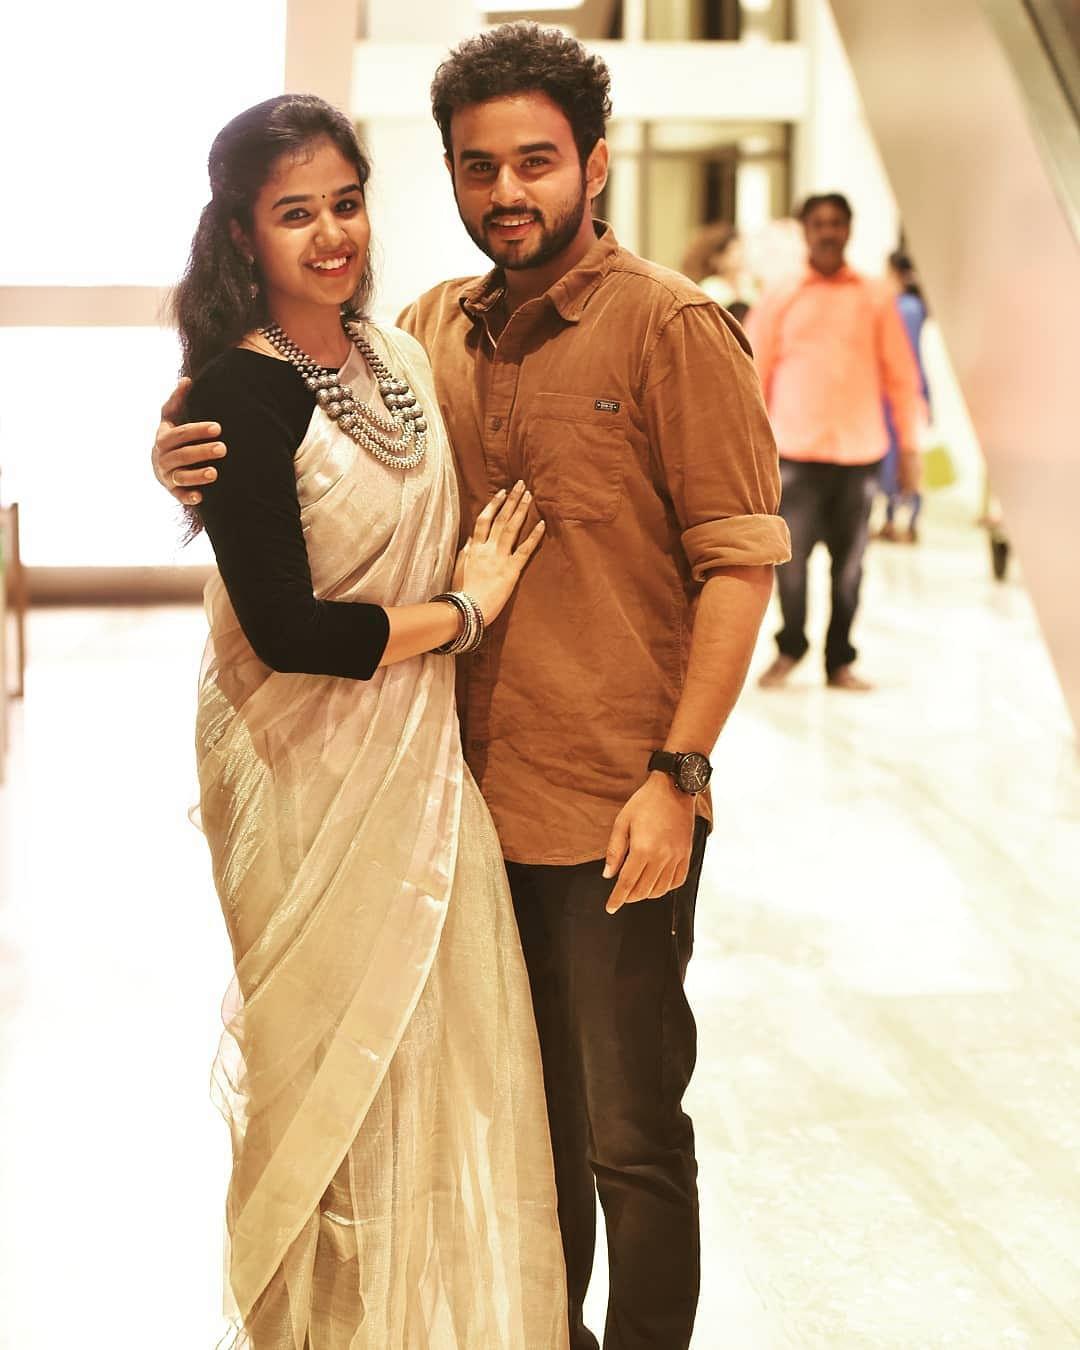 மனைவியுடன் ஆர்ஜே விஜய்